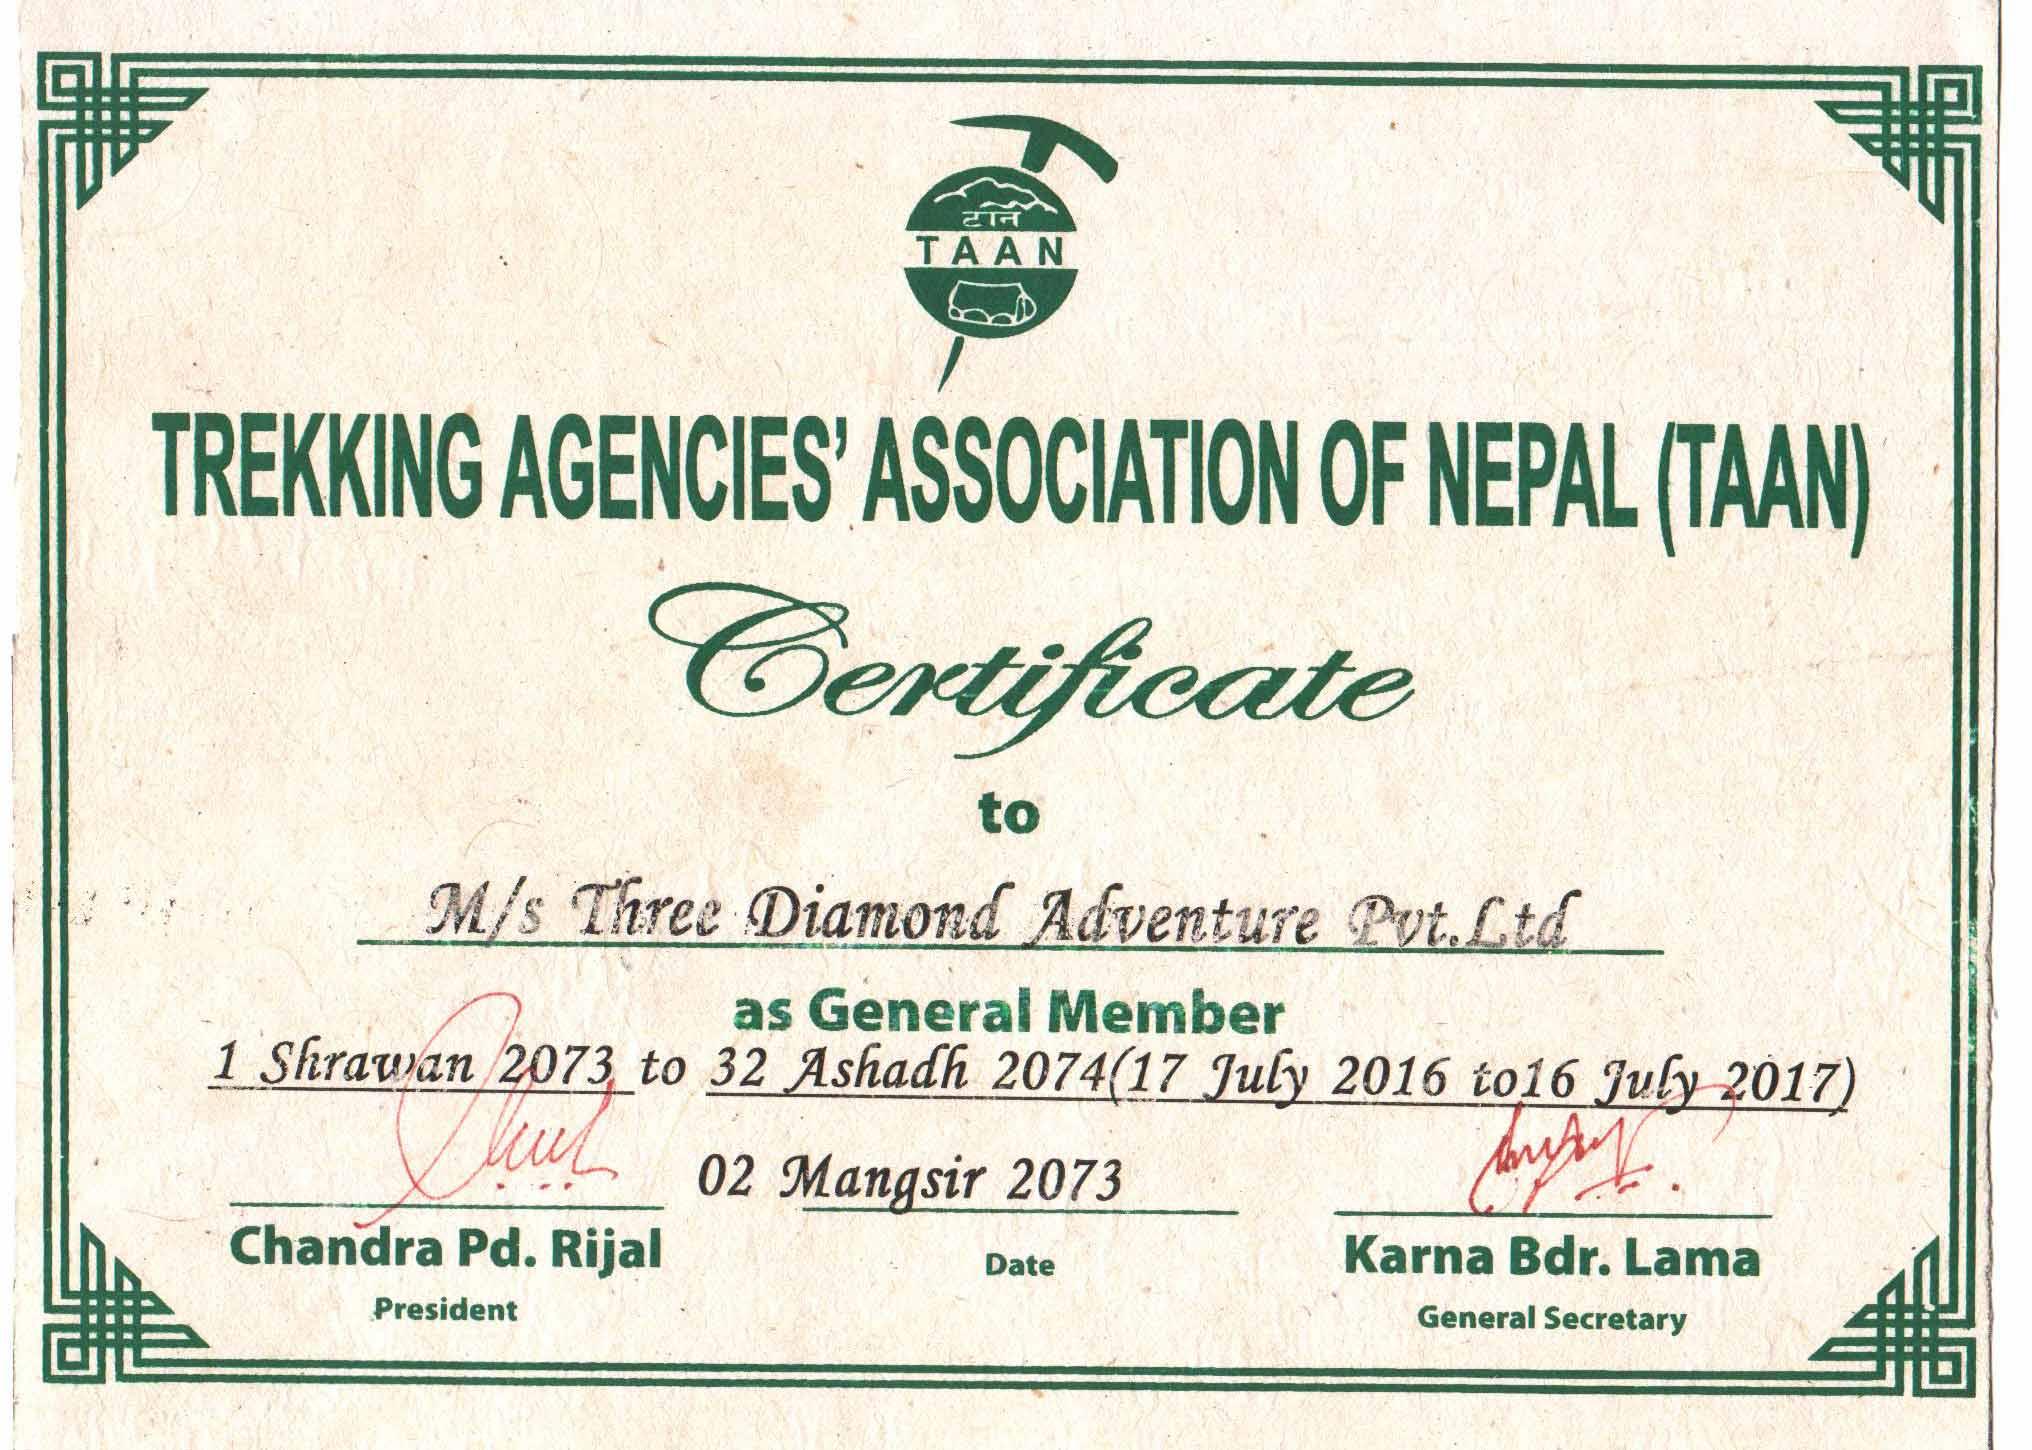 taan-nepal